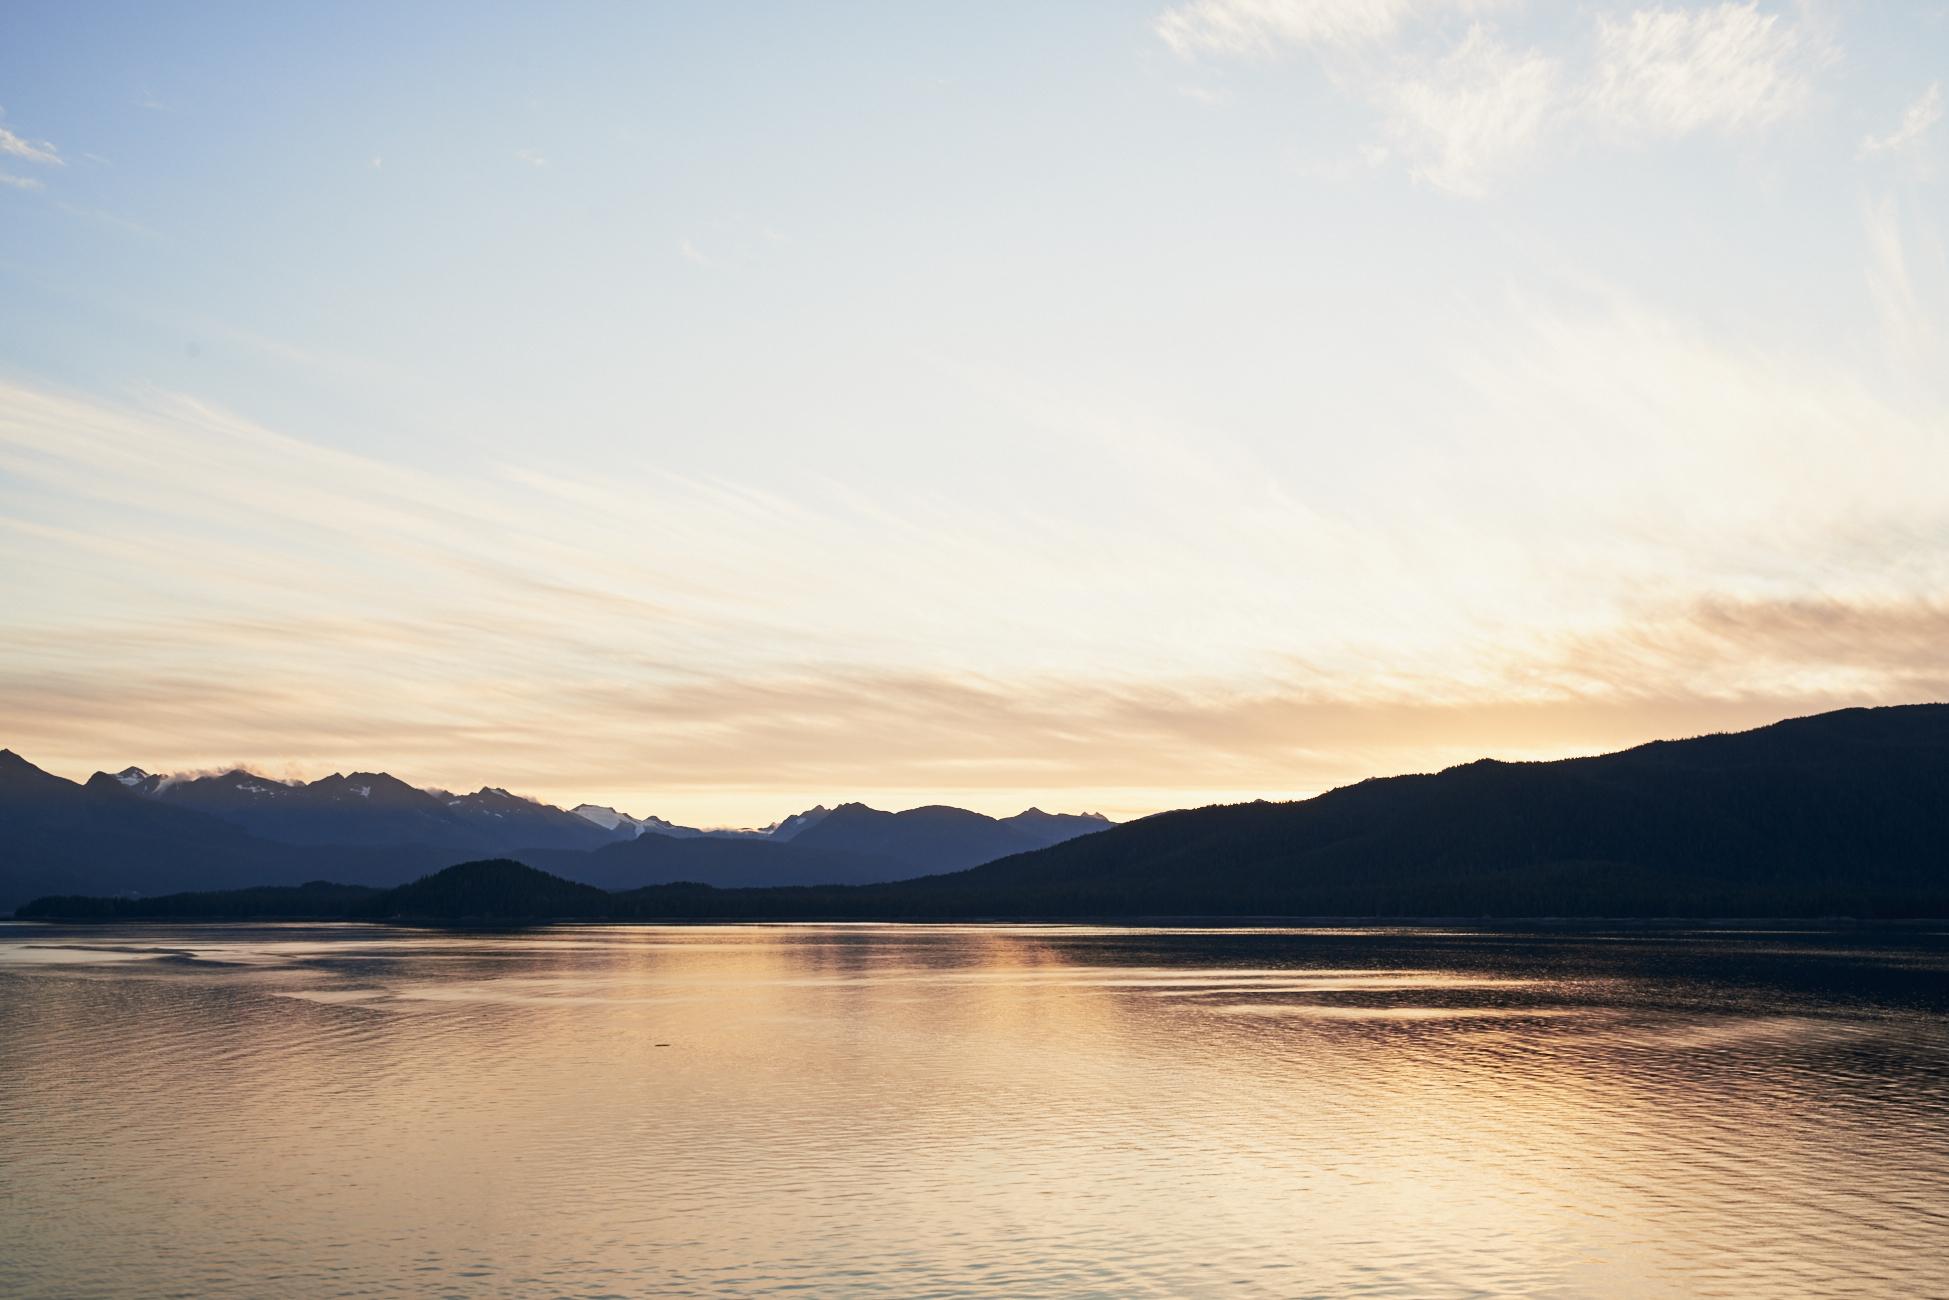 Alaska Cruise / Views from Ruby Princess #comebacknew